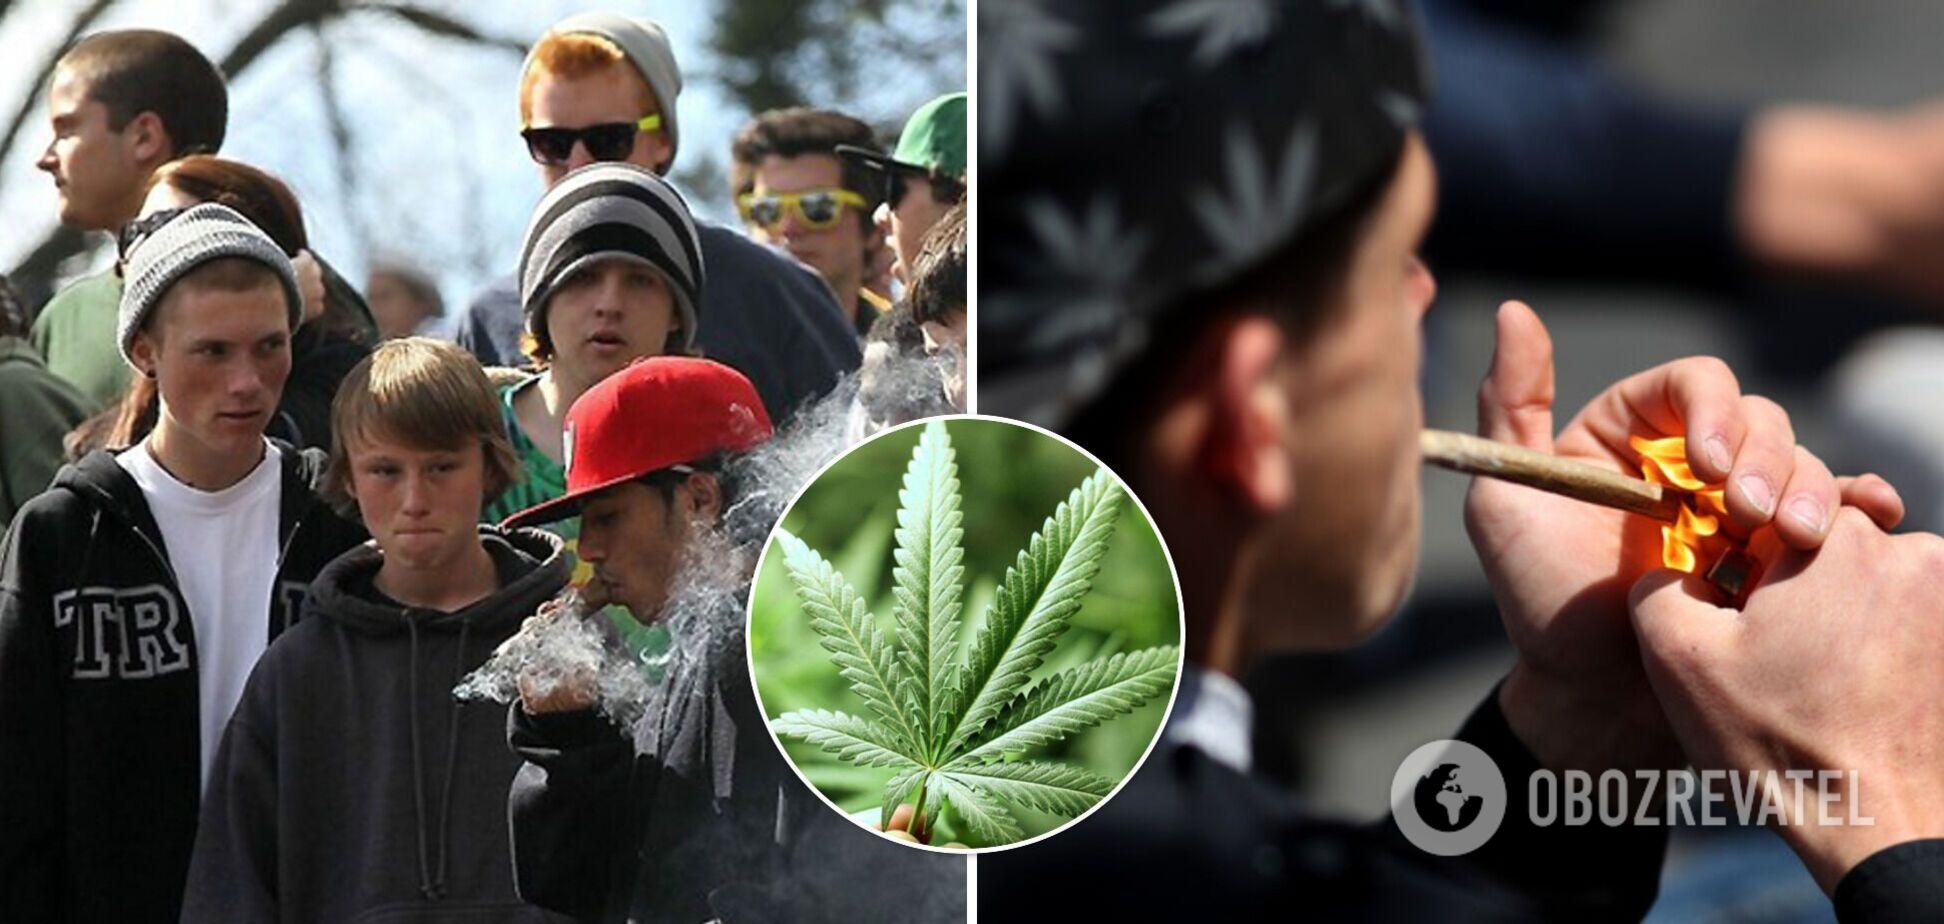 Впливає на мозок підлітків і провокує суїцидні настрої – у США почали переглядати ставлення до легалізації марихуани